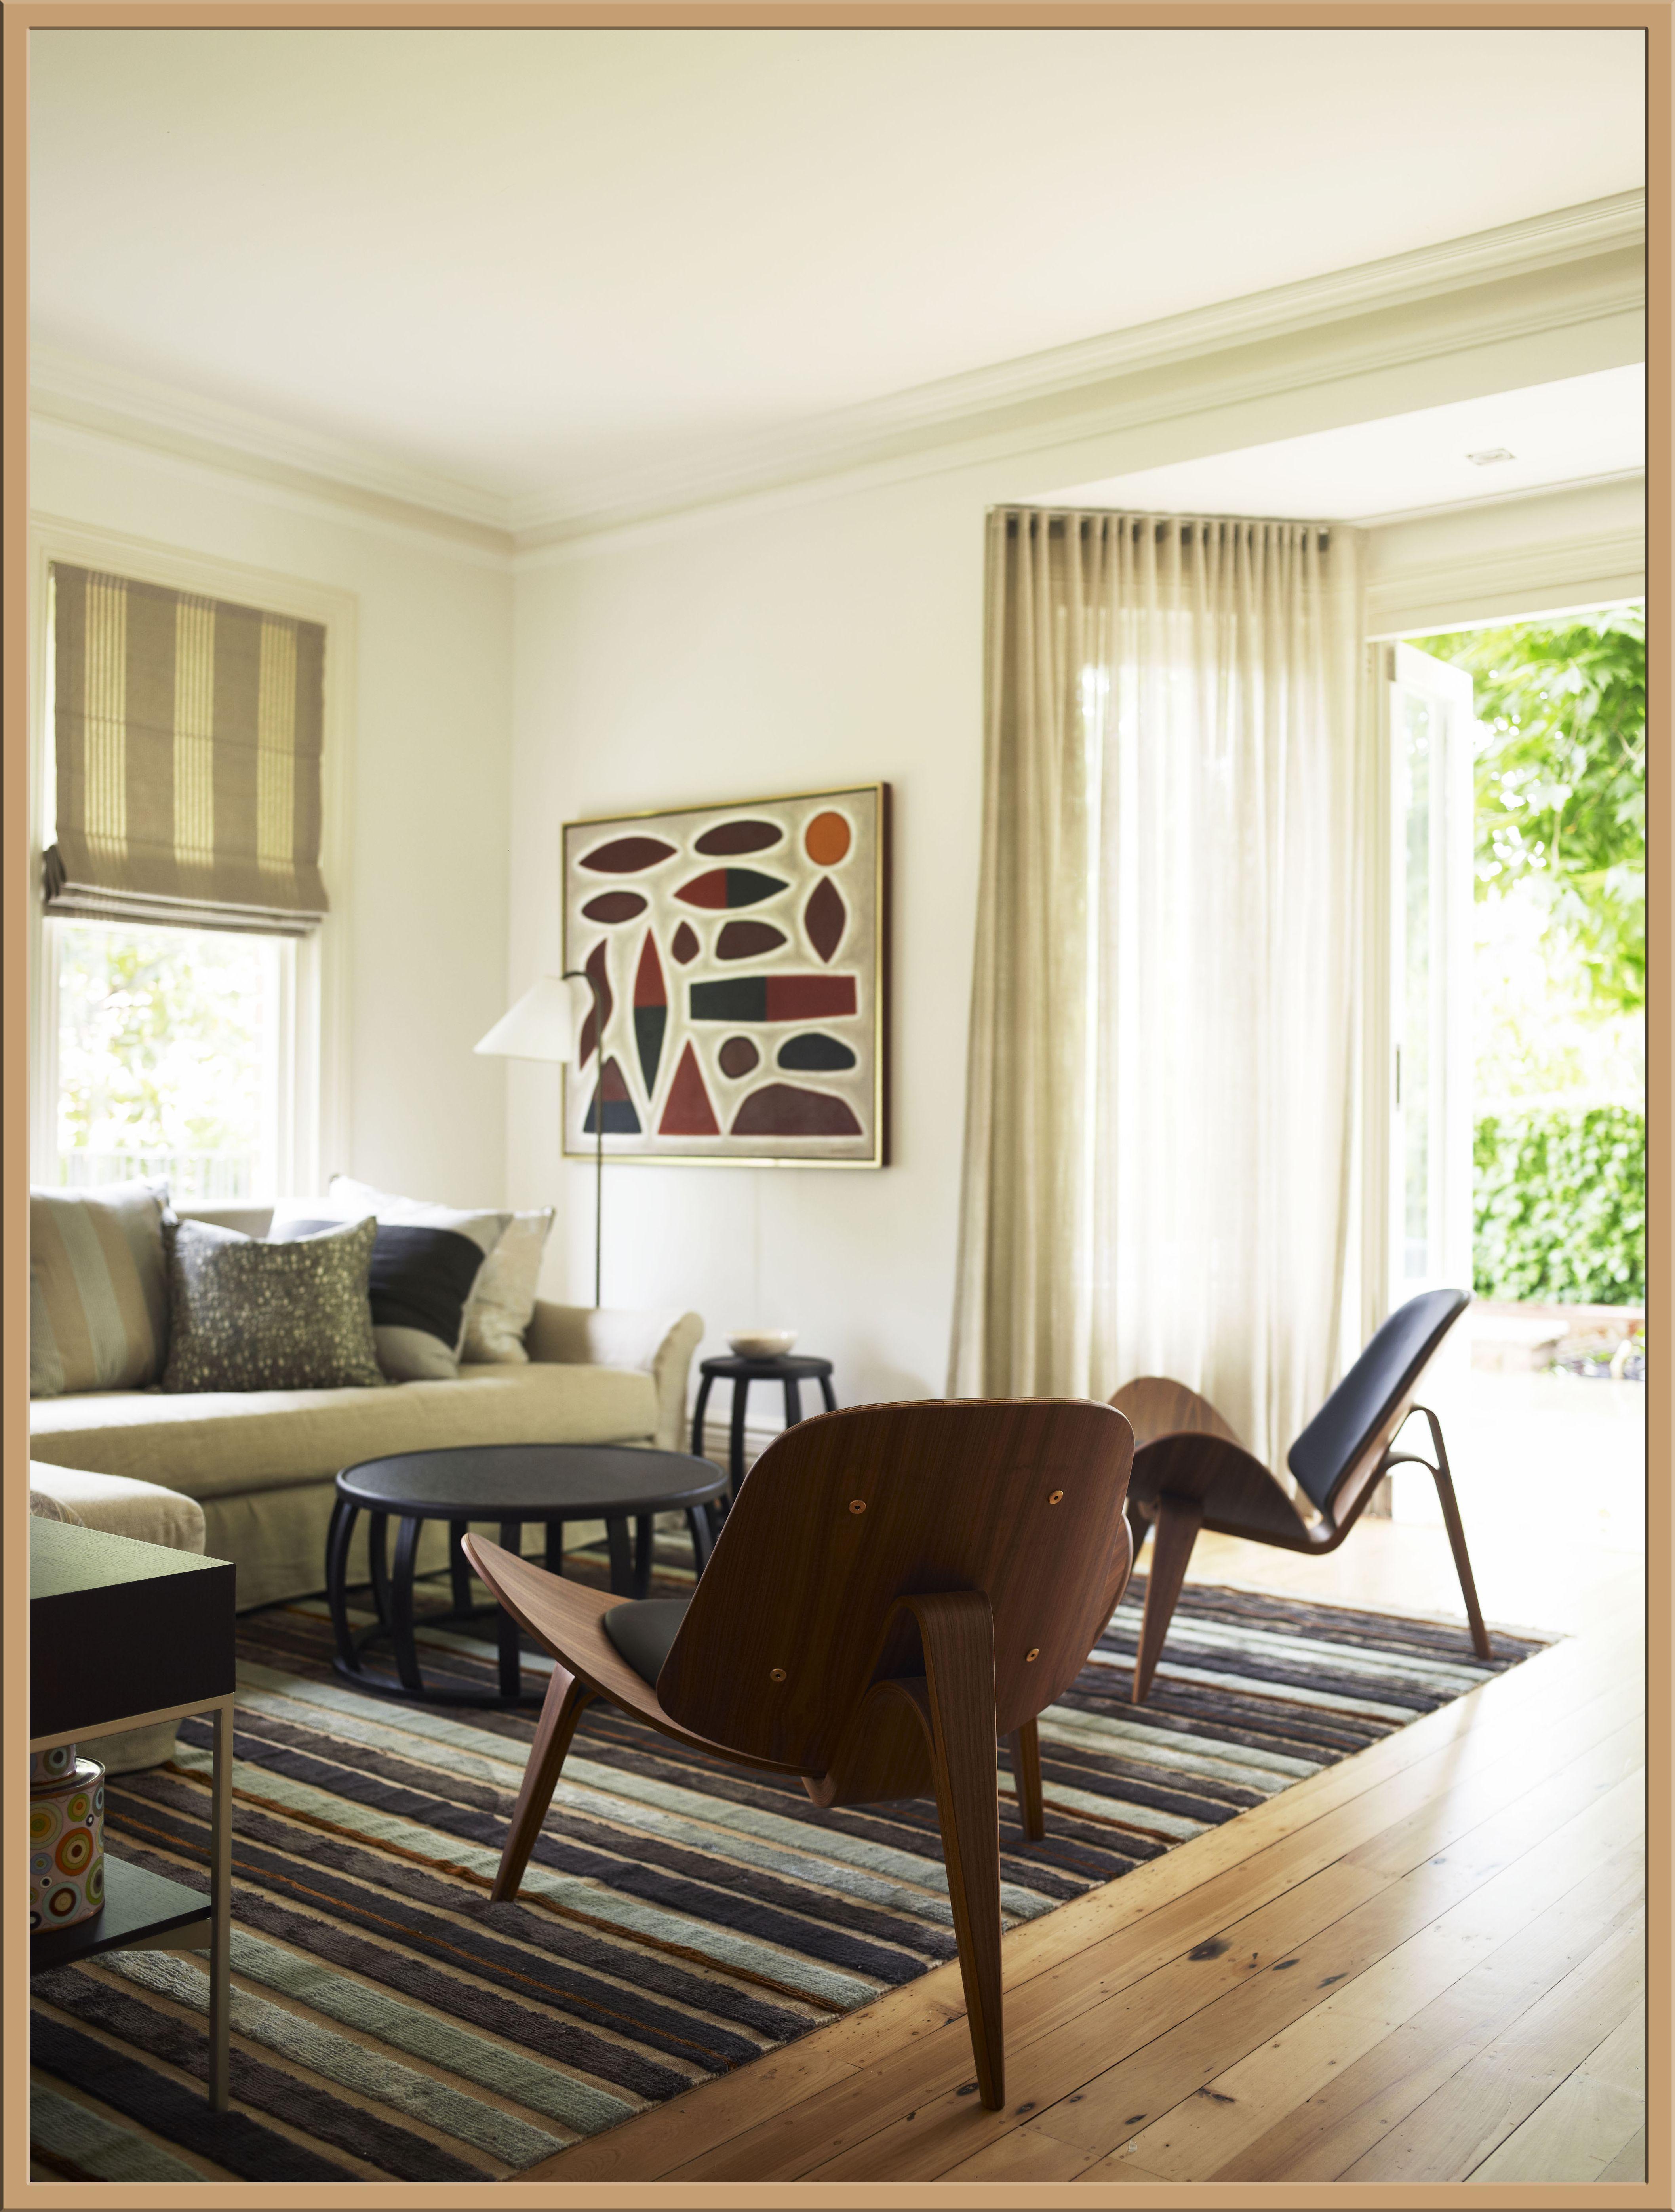 Top 25 Quotes On Interior Design